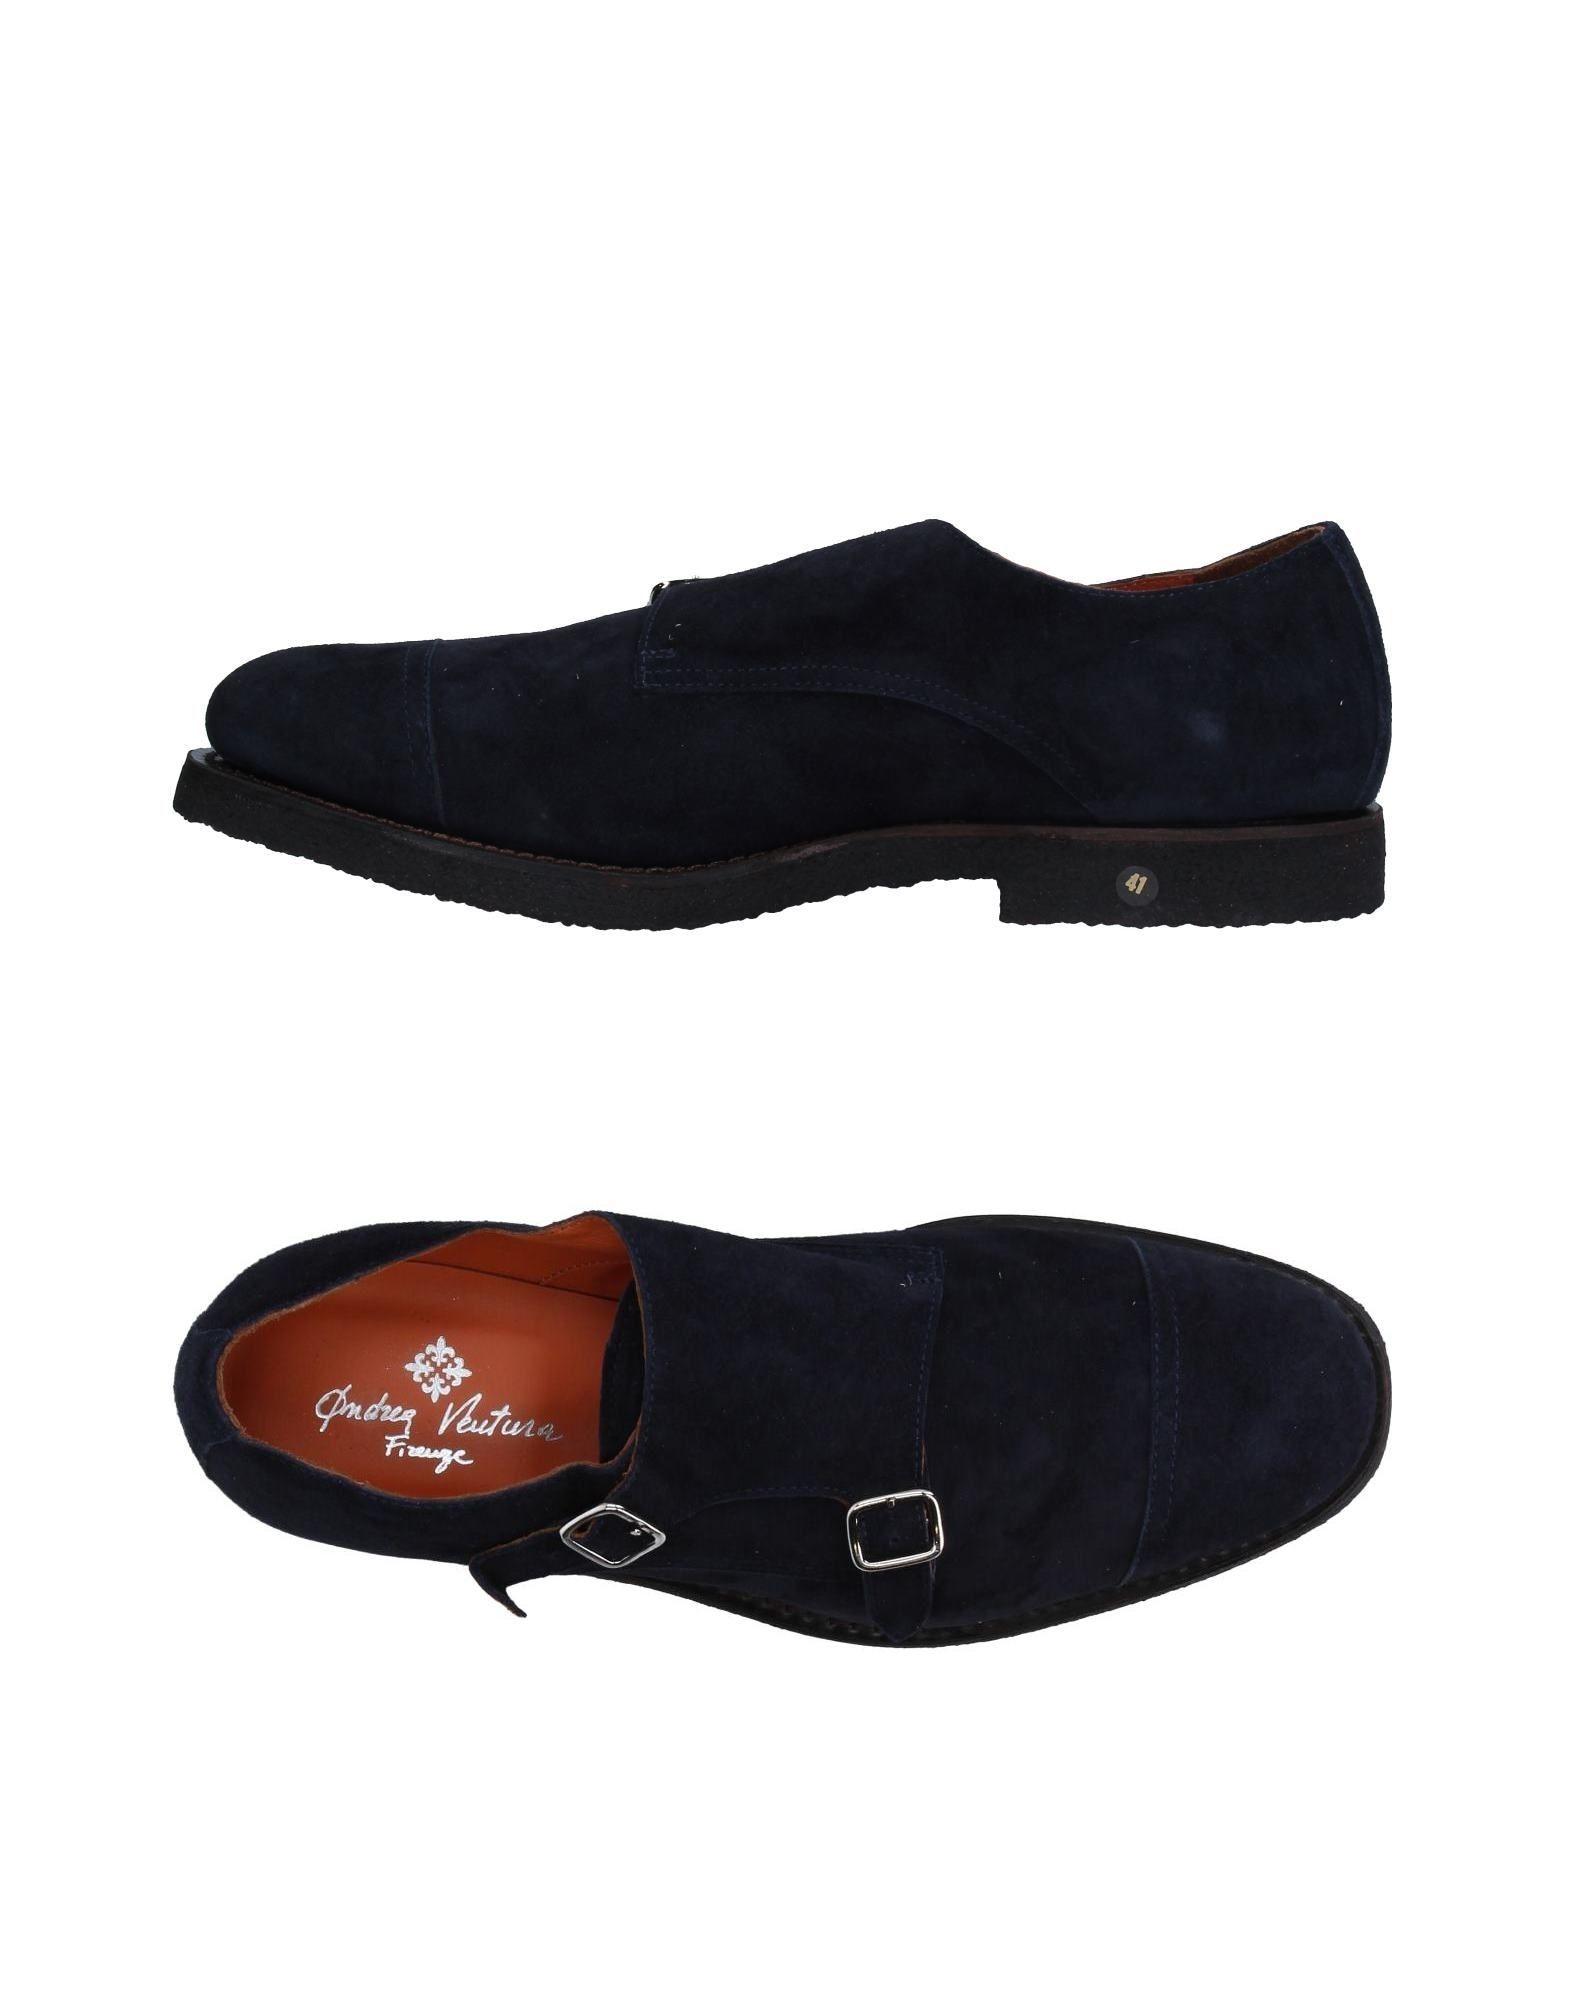 Andrea Ventura Firenze Mokassins Herren  11280621PV Gute Qualität beliebte Schuhe